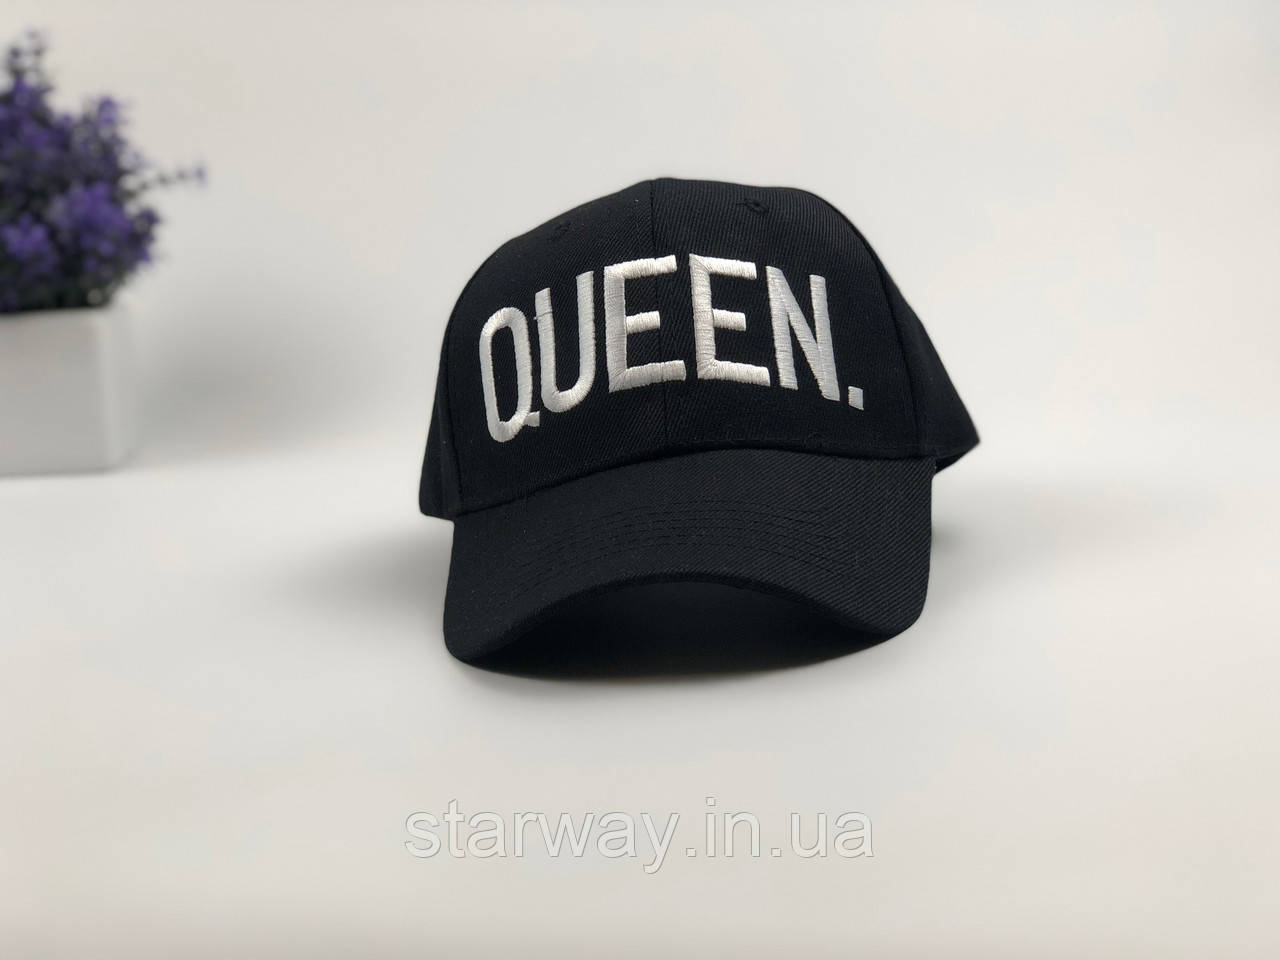 Кепка черная Queen logo   логотип вышит